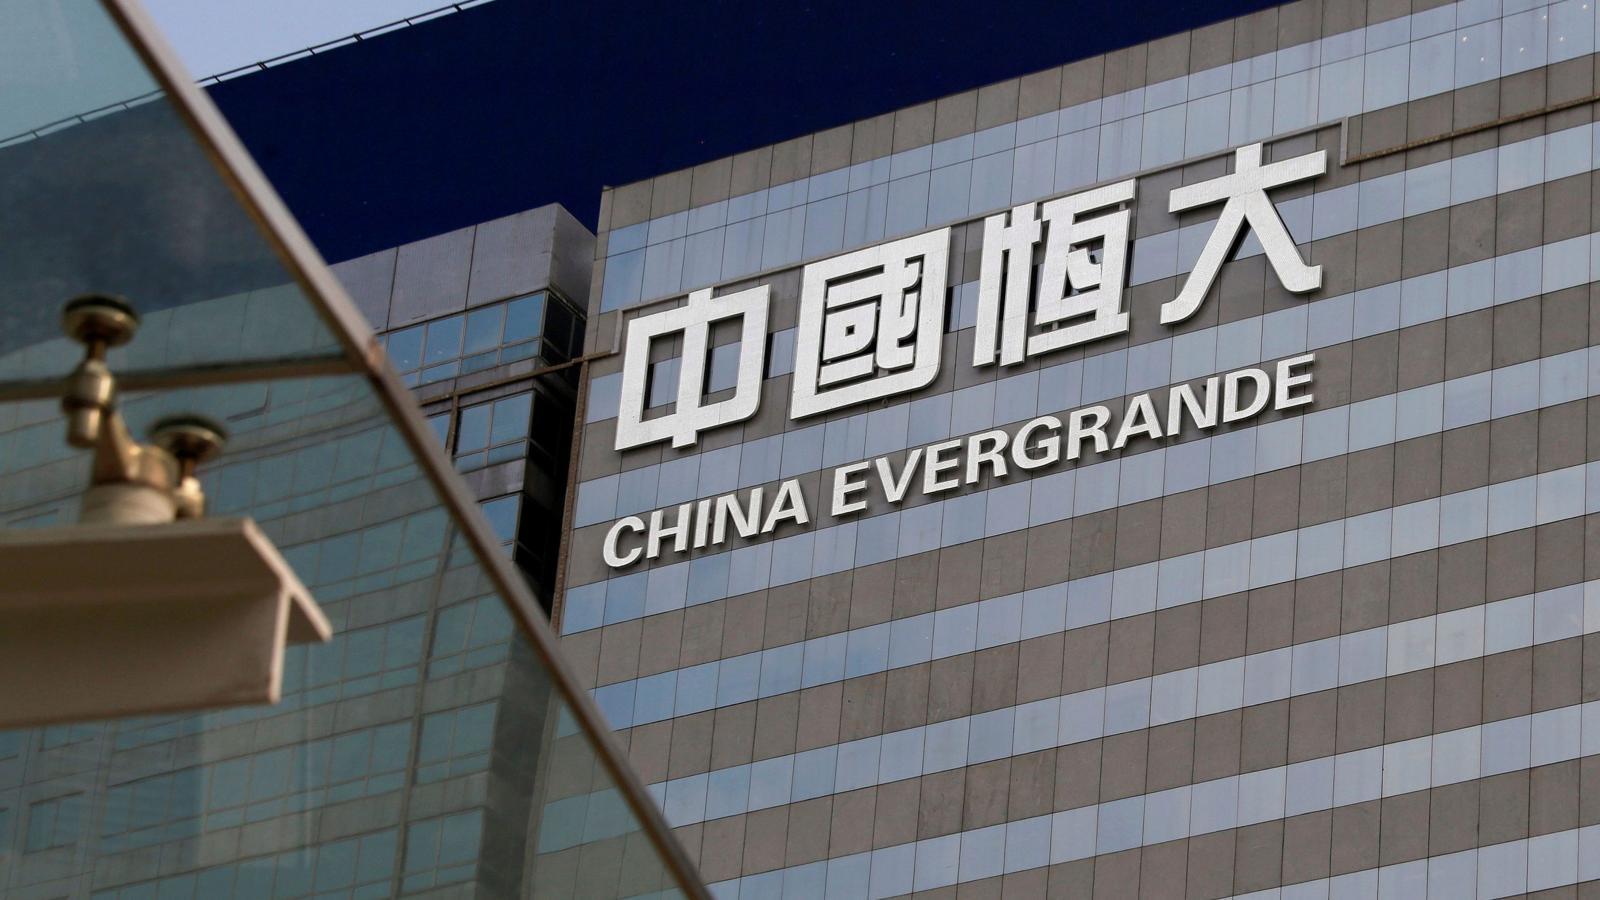 'Bom nợ' Evergrande thời khắc nguy hiểm, Bắc Kinh vào cuộc giải cứu